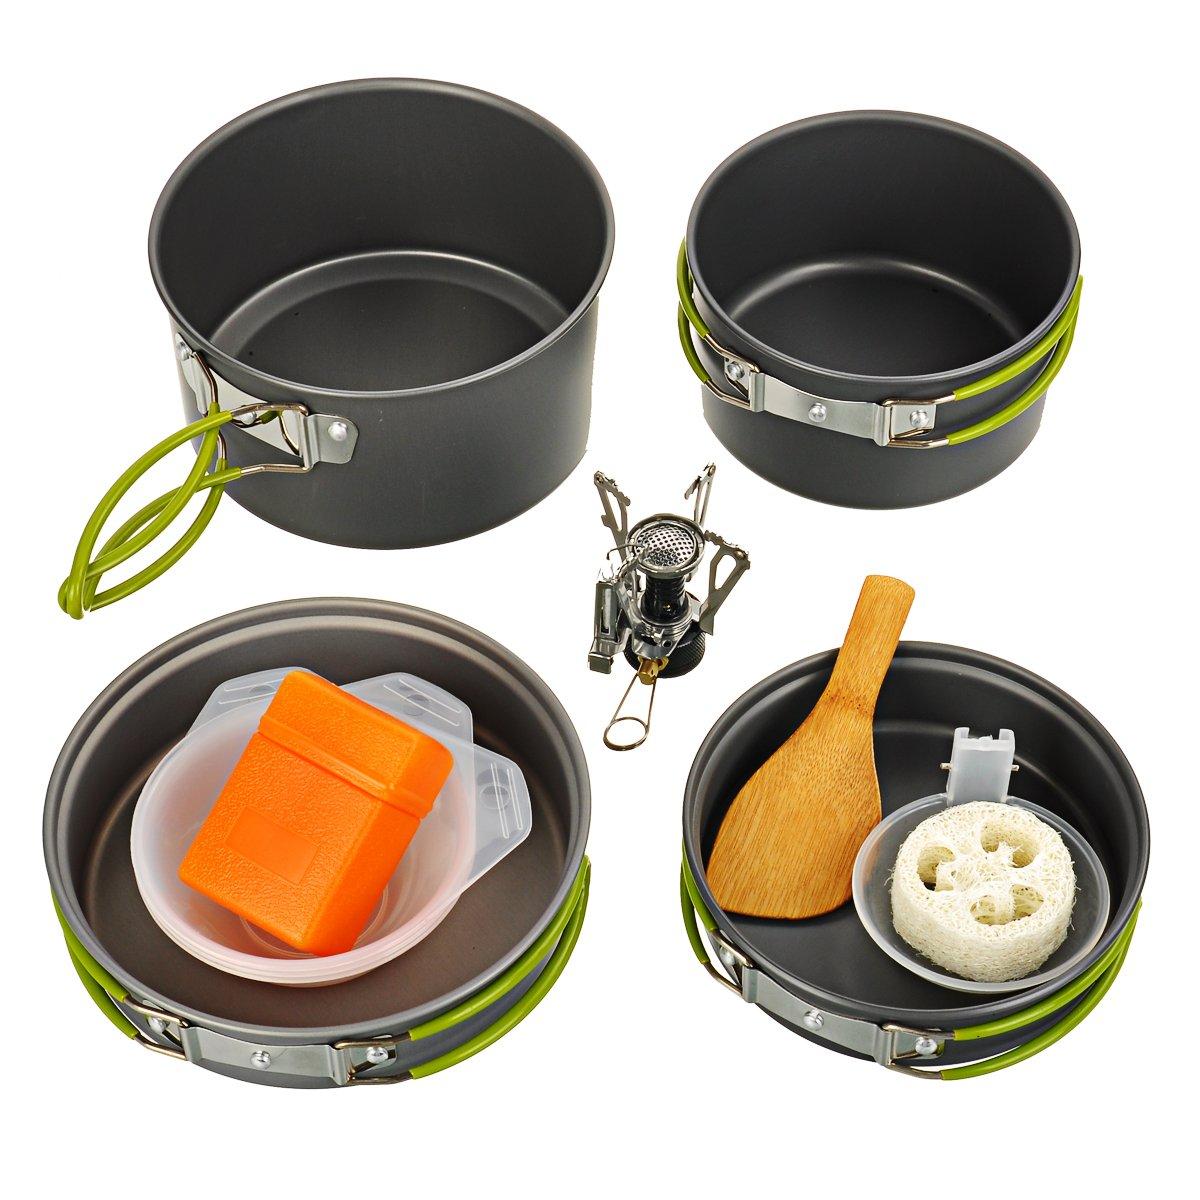 ポータブルアウトドアキャンプ料理Pots Pans +ミニバーナーストーブセット2 ~ 3人の B0793FSJR5